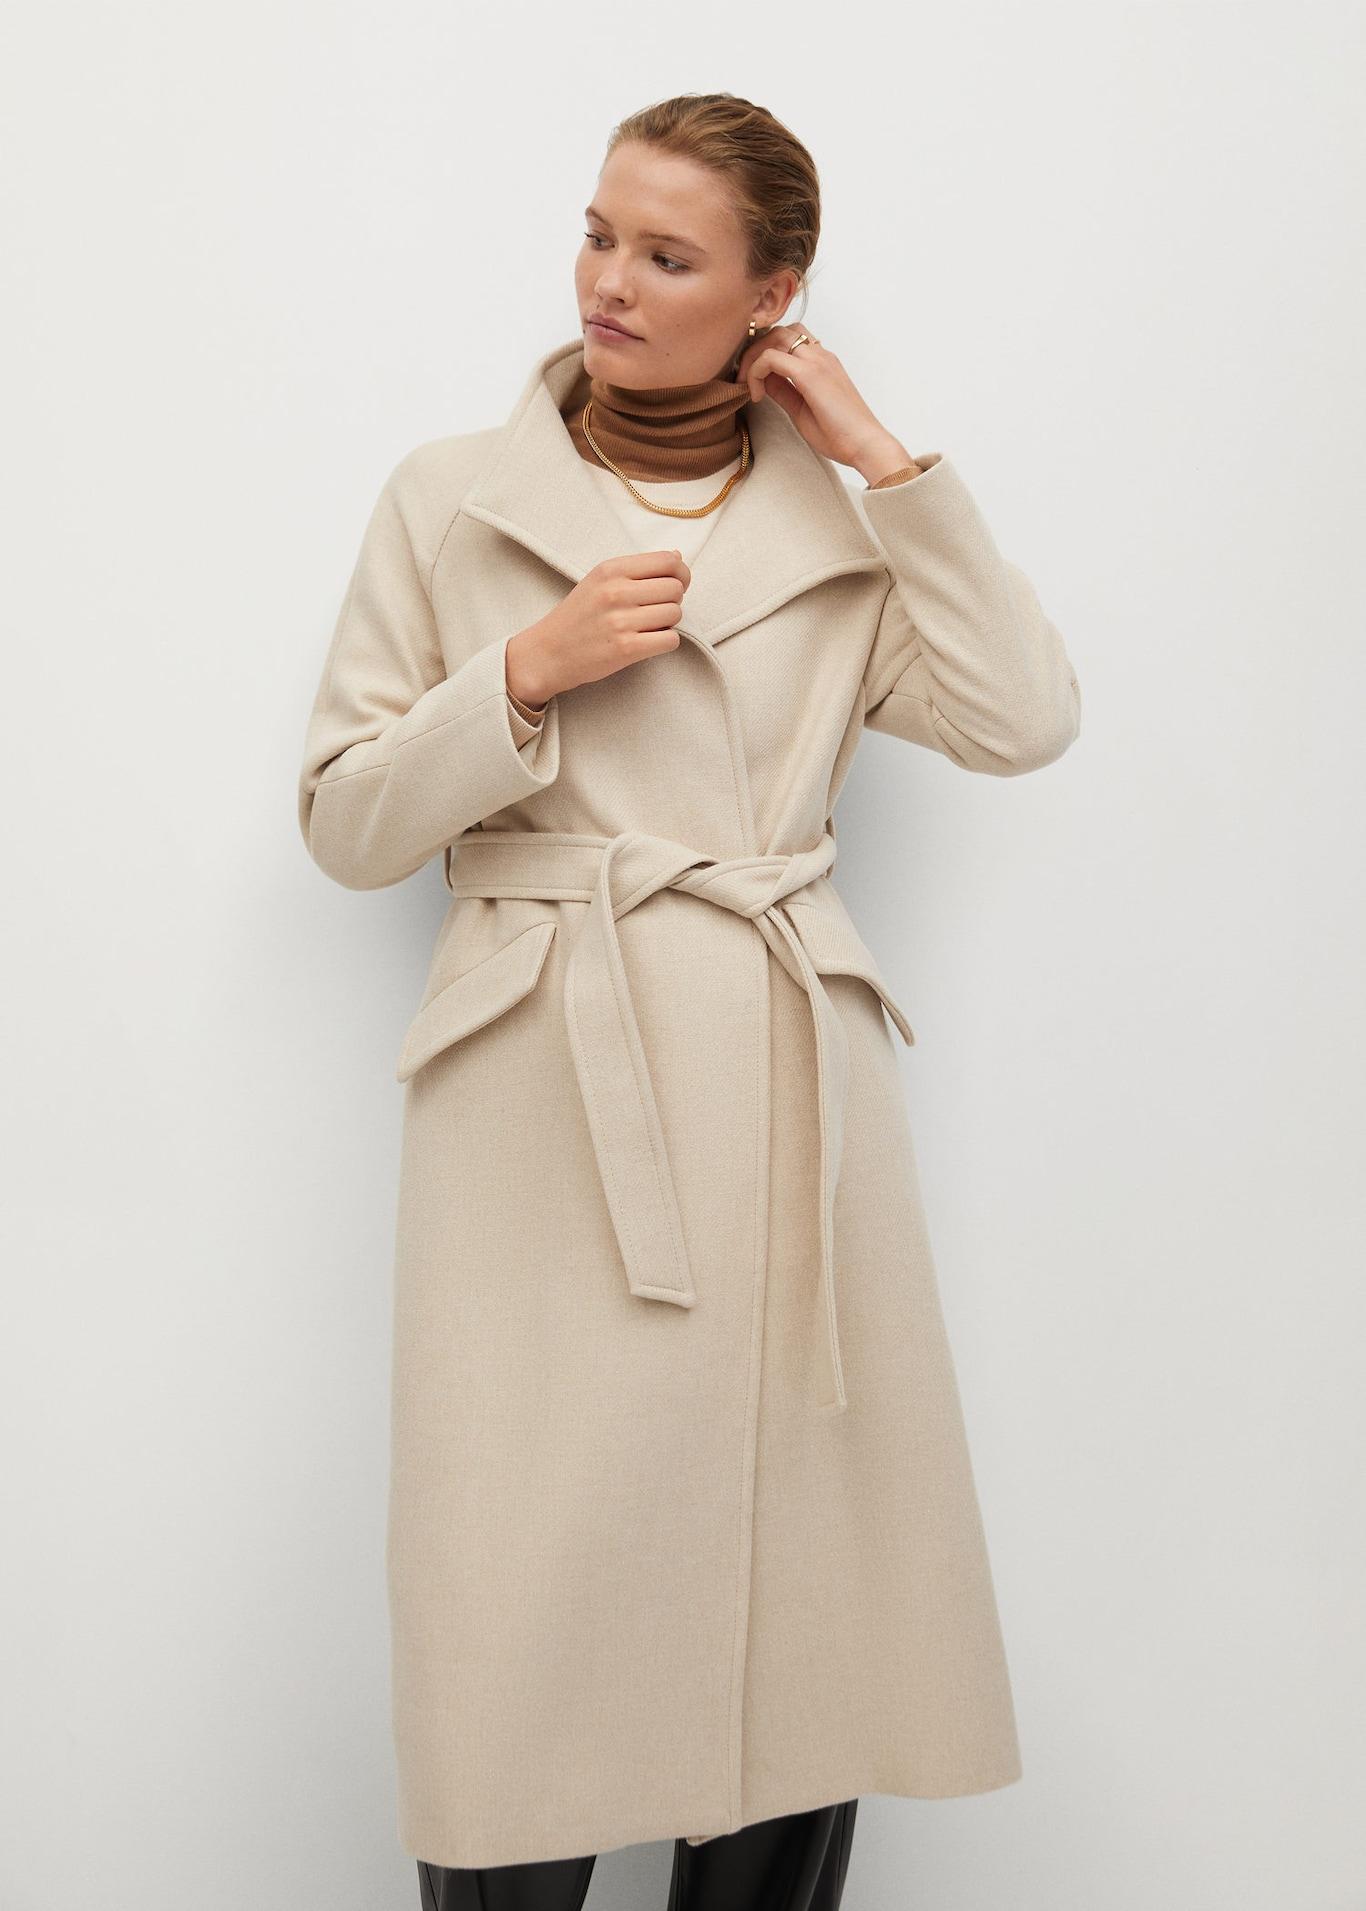 Mango, belted coats, neutral coat, ecru coat